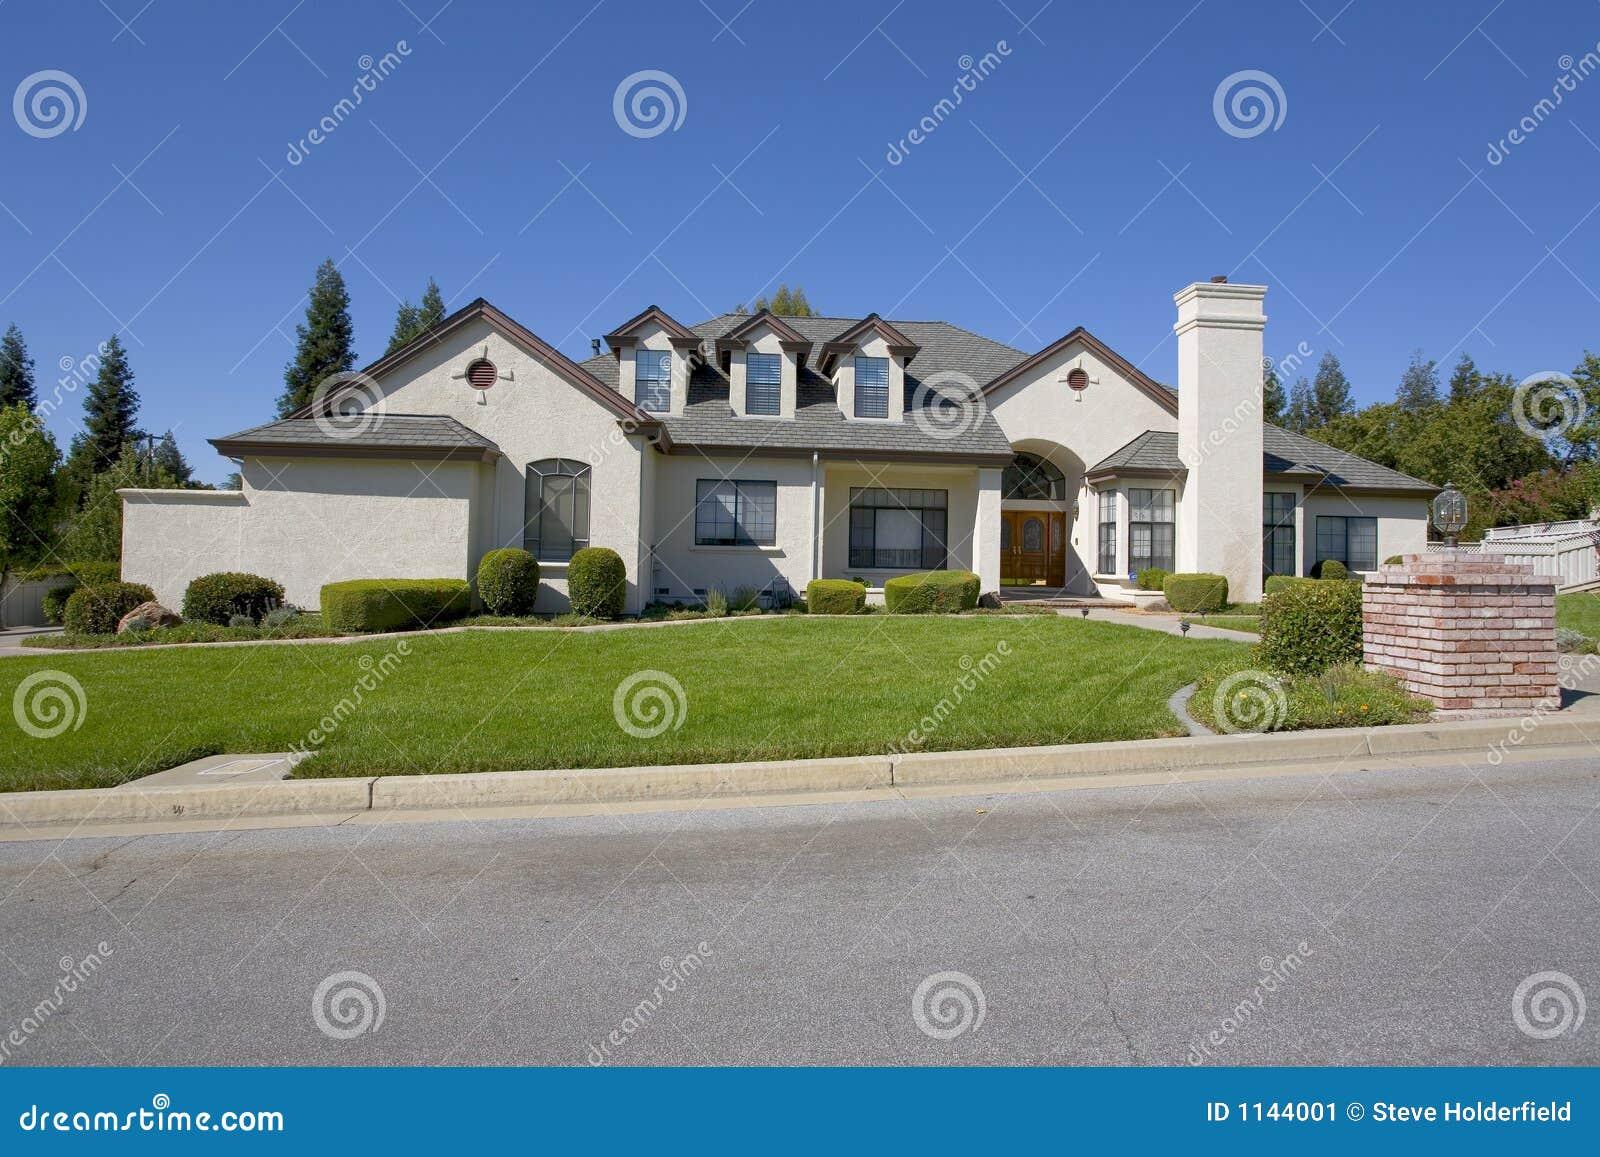 Grande maison luxueuse image stock image 1144001 - Rever d une grande maison ...